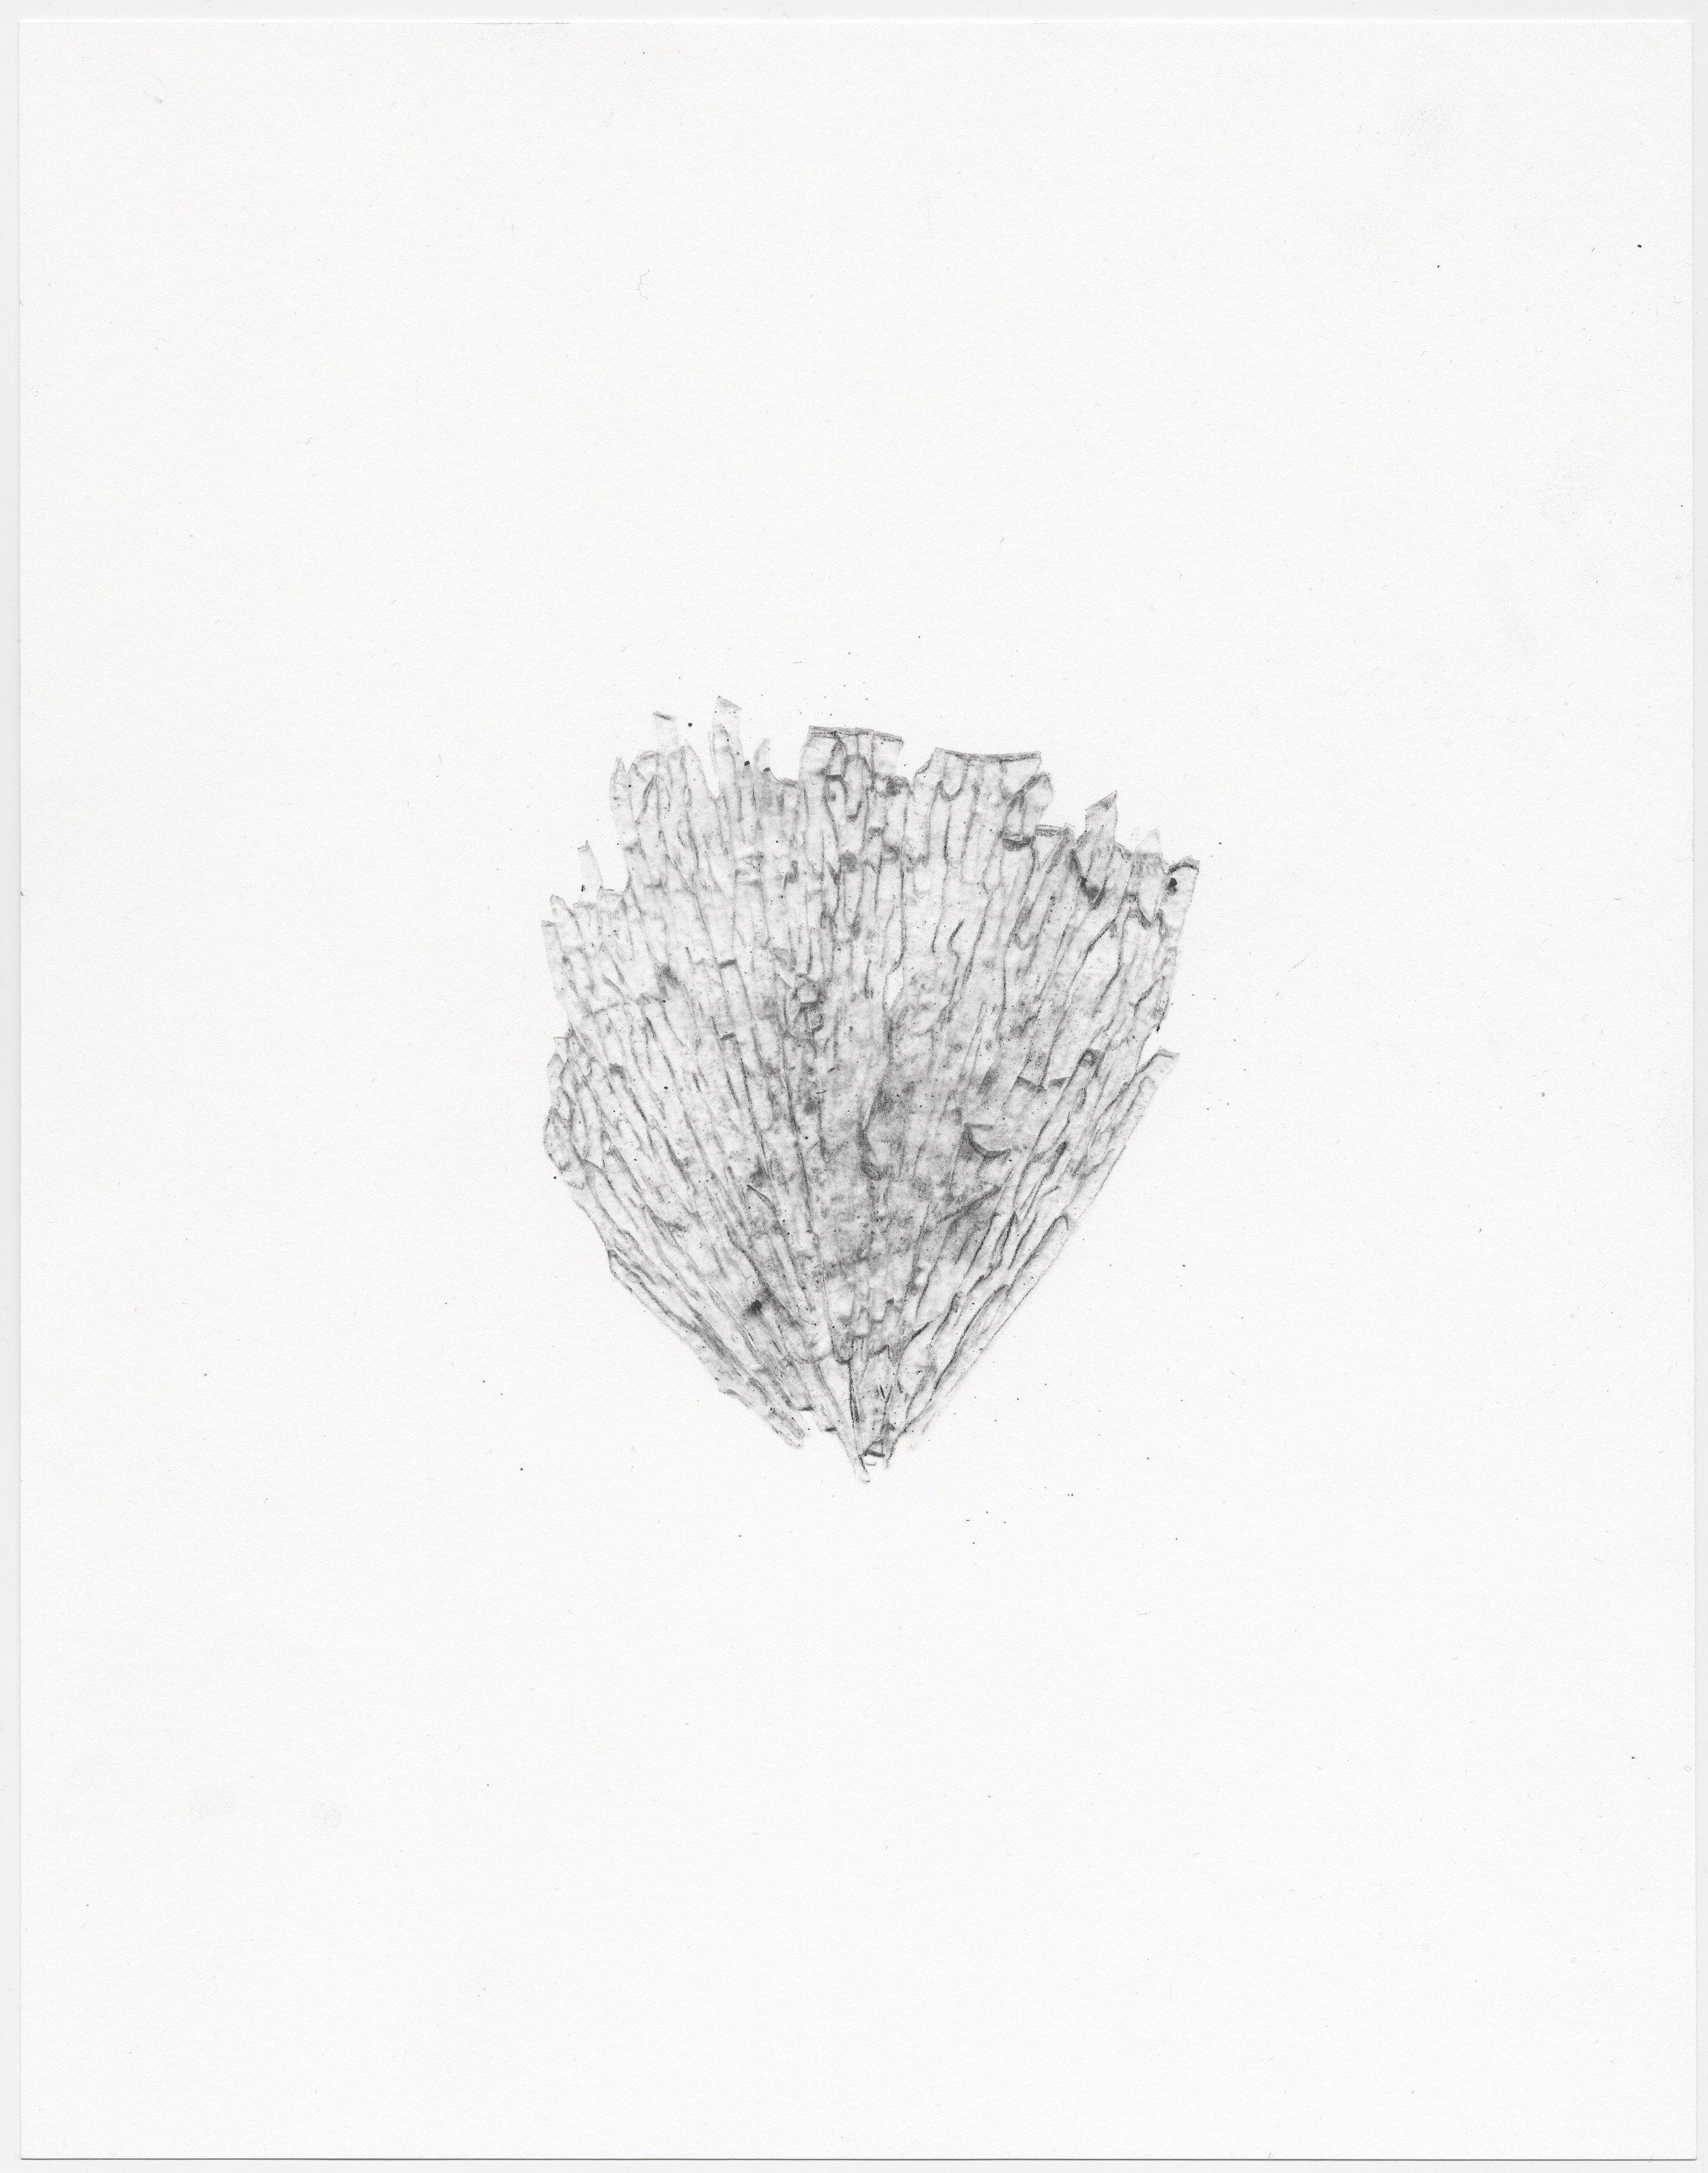 © Sophie Jodoin, %22elle commence ici 18%22, graphite et transfert carbone sur papier Stonehenge : graphite and carbone transfer on Stonehenge paper, 35,5 x 28 cm, 2018. Courtesy Galerie C.jpg